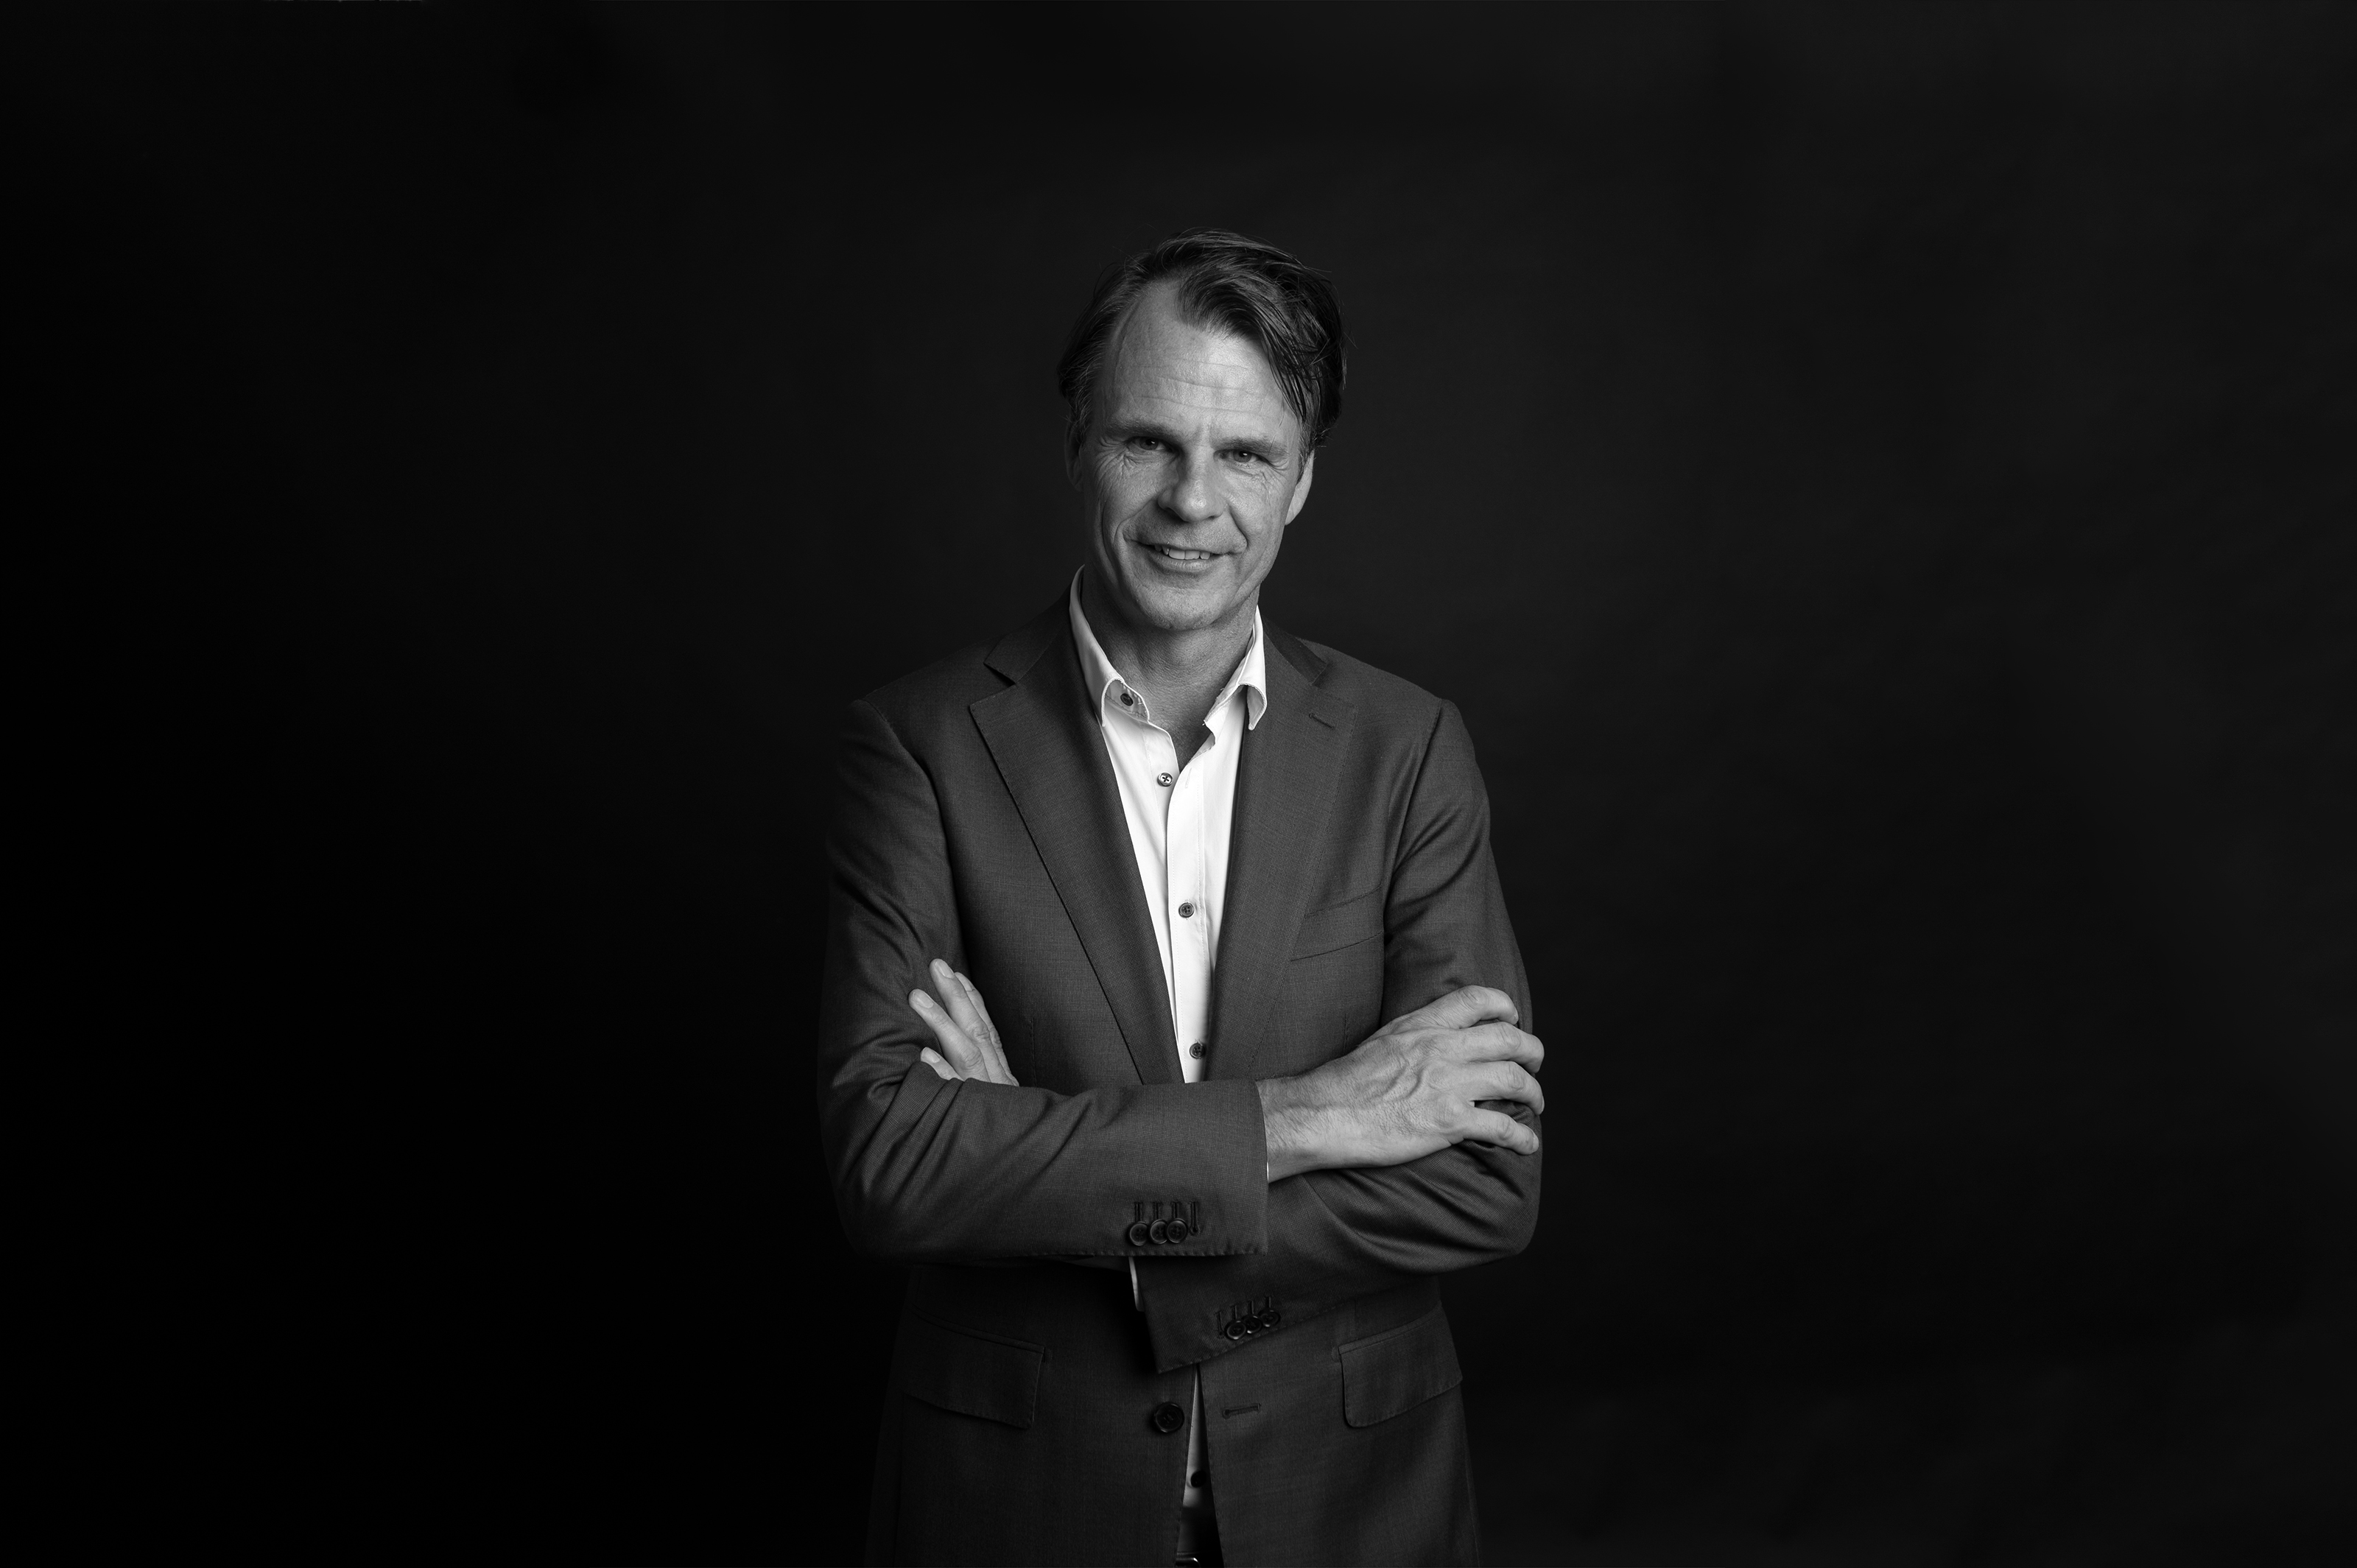 portretfoto Jurgen Delfos